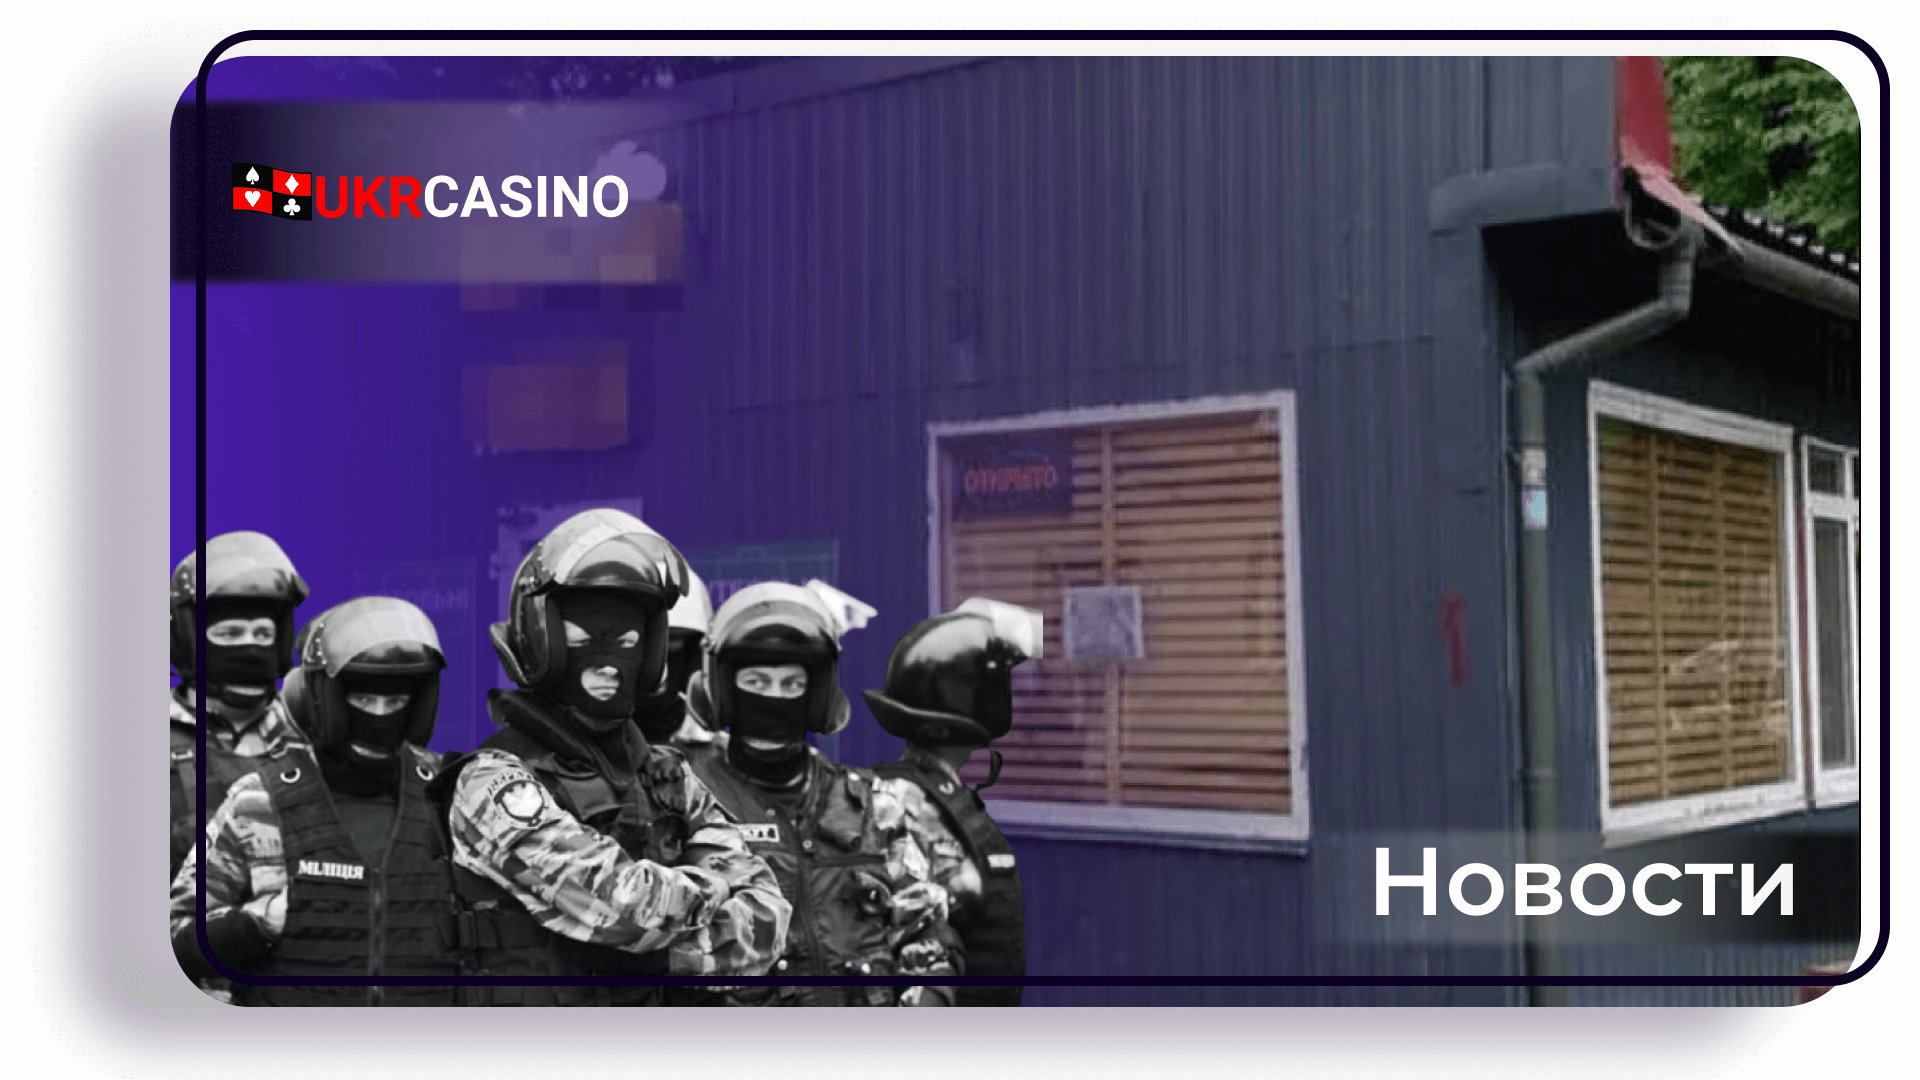 В Киеве разоблачили два нелицензированных казино